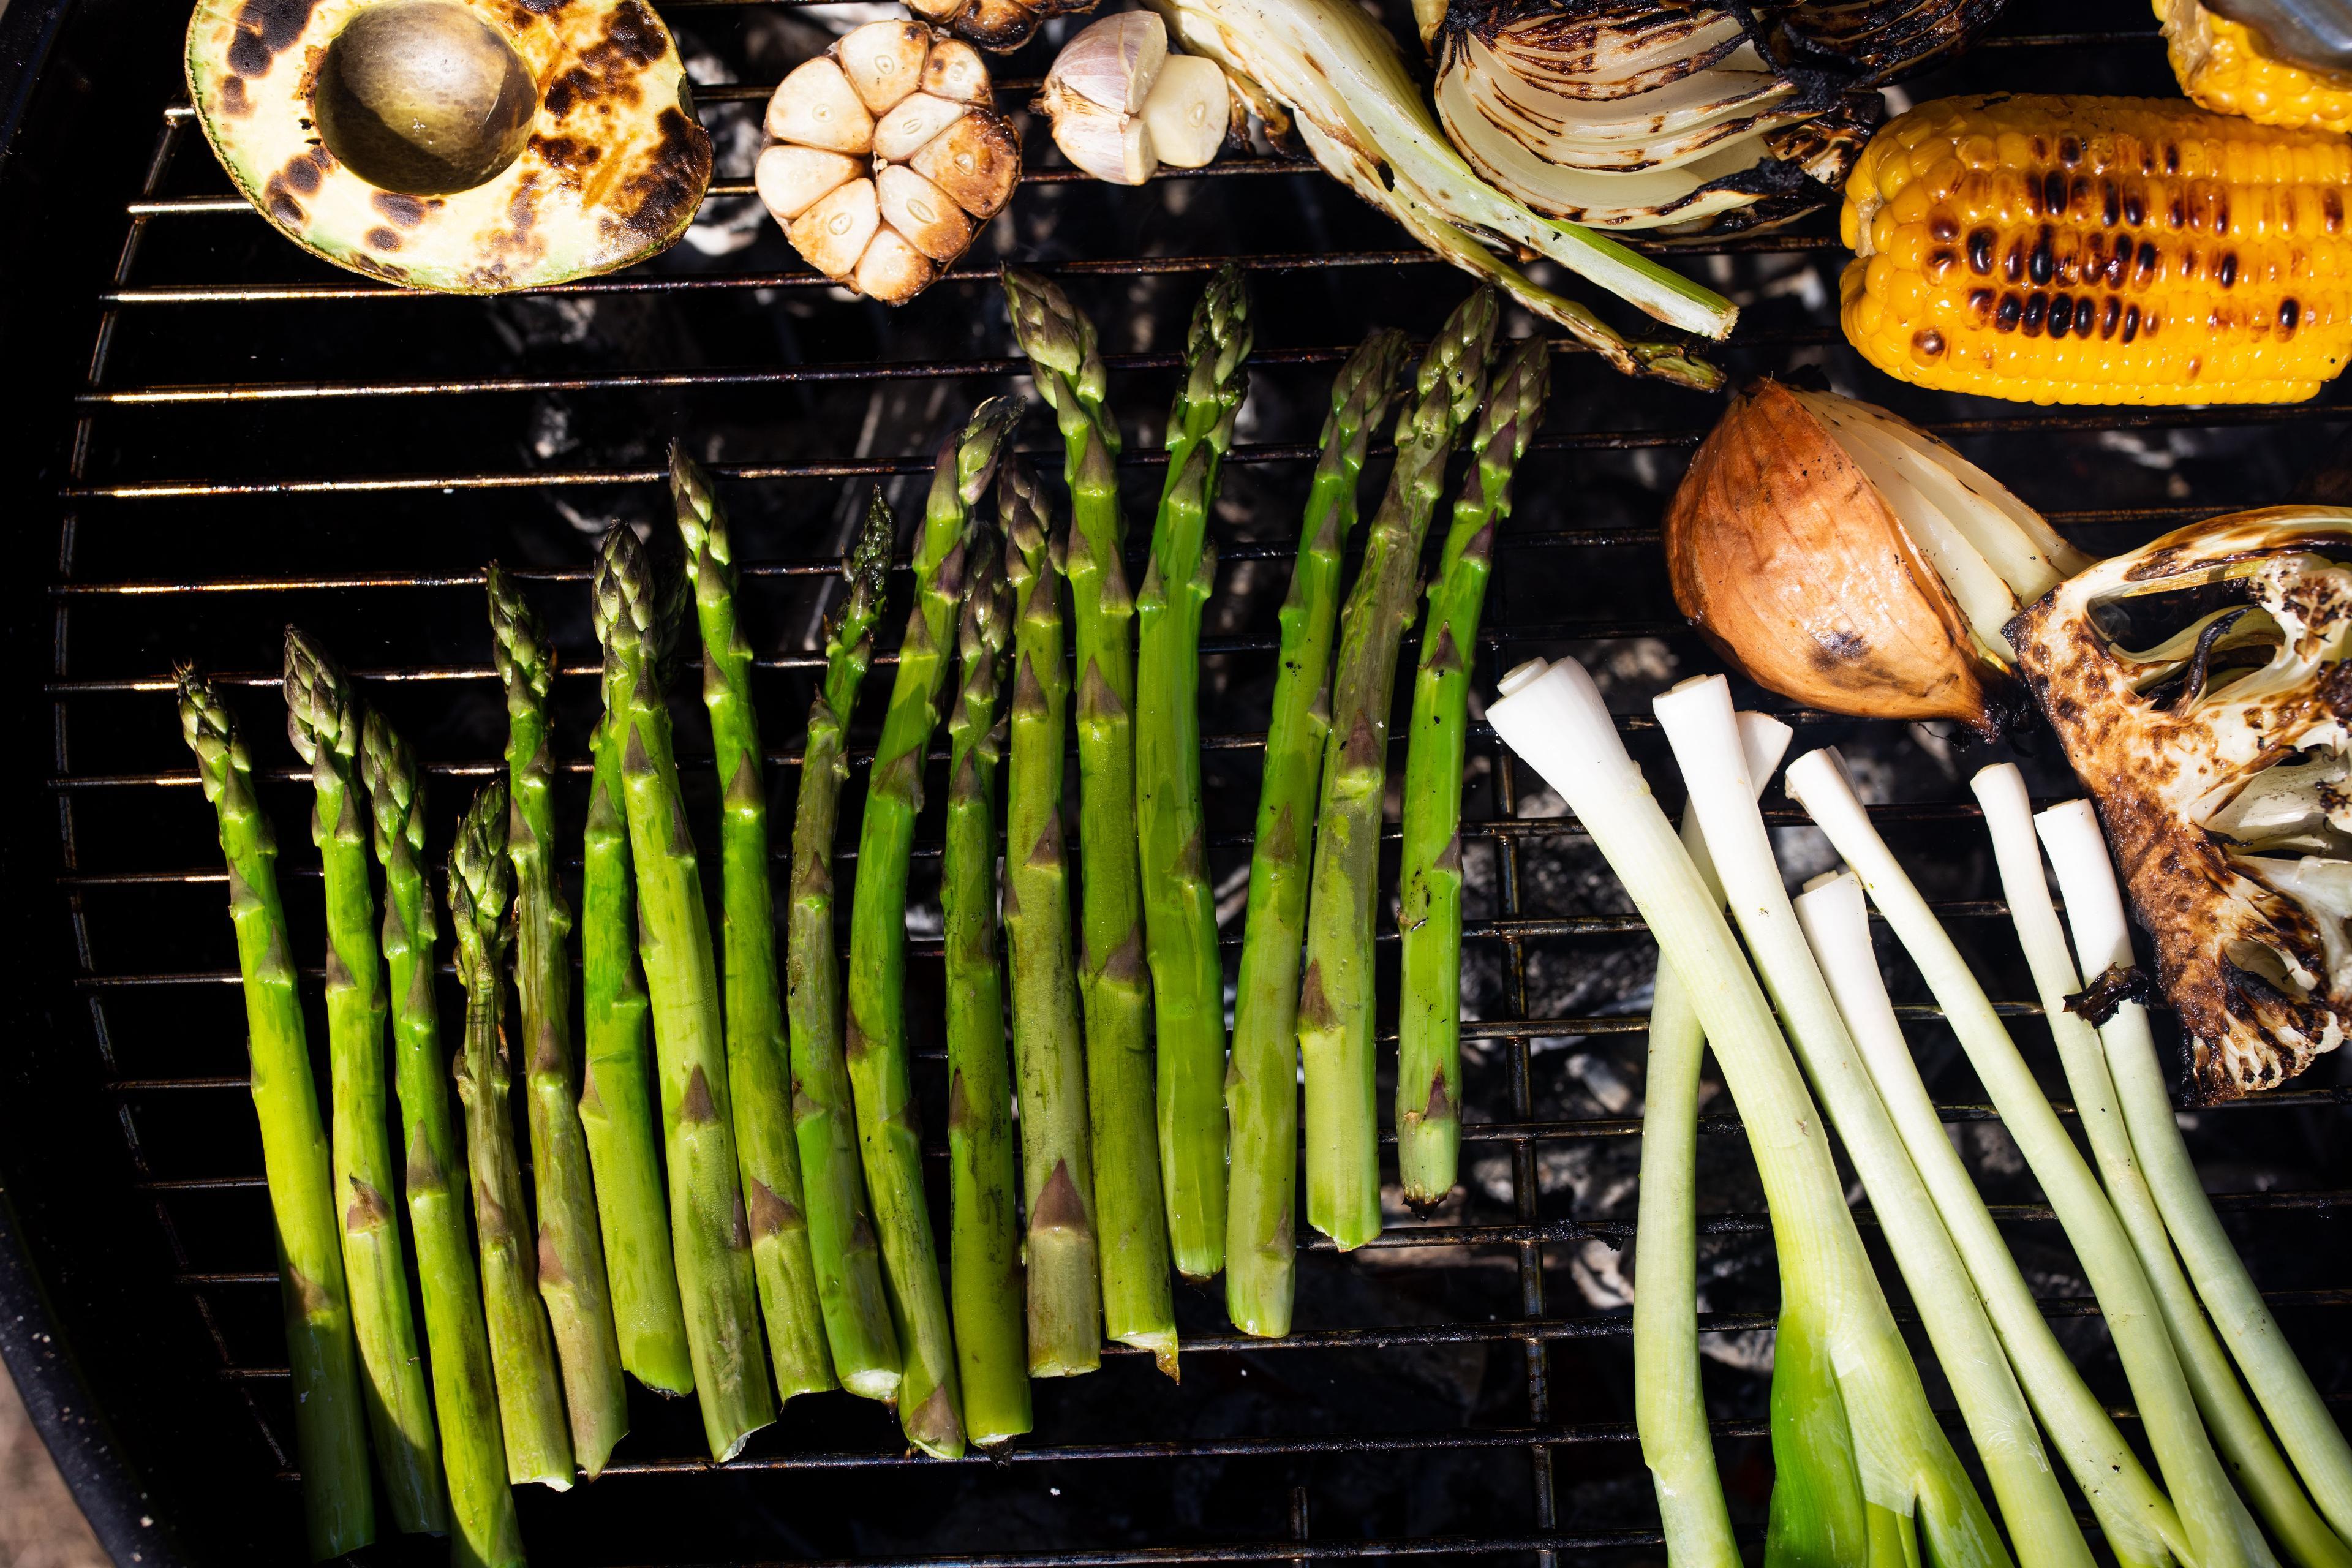 Asparges og grill - månedens smaker i mai